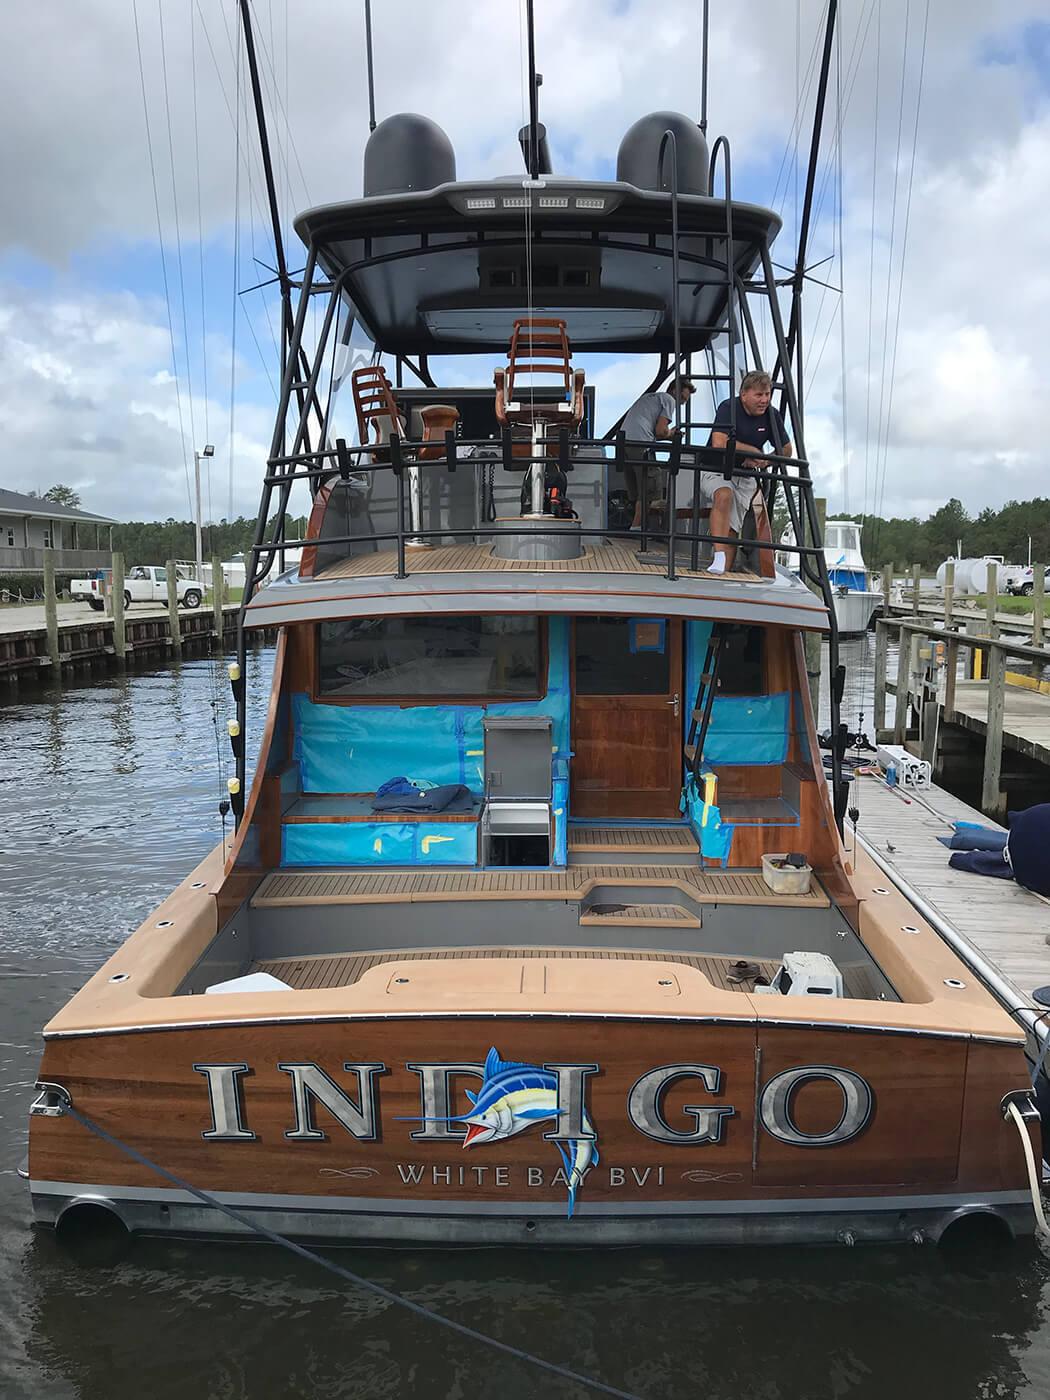 Indigo White Bay BV Boat Transom